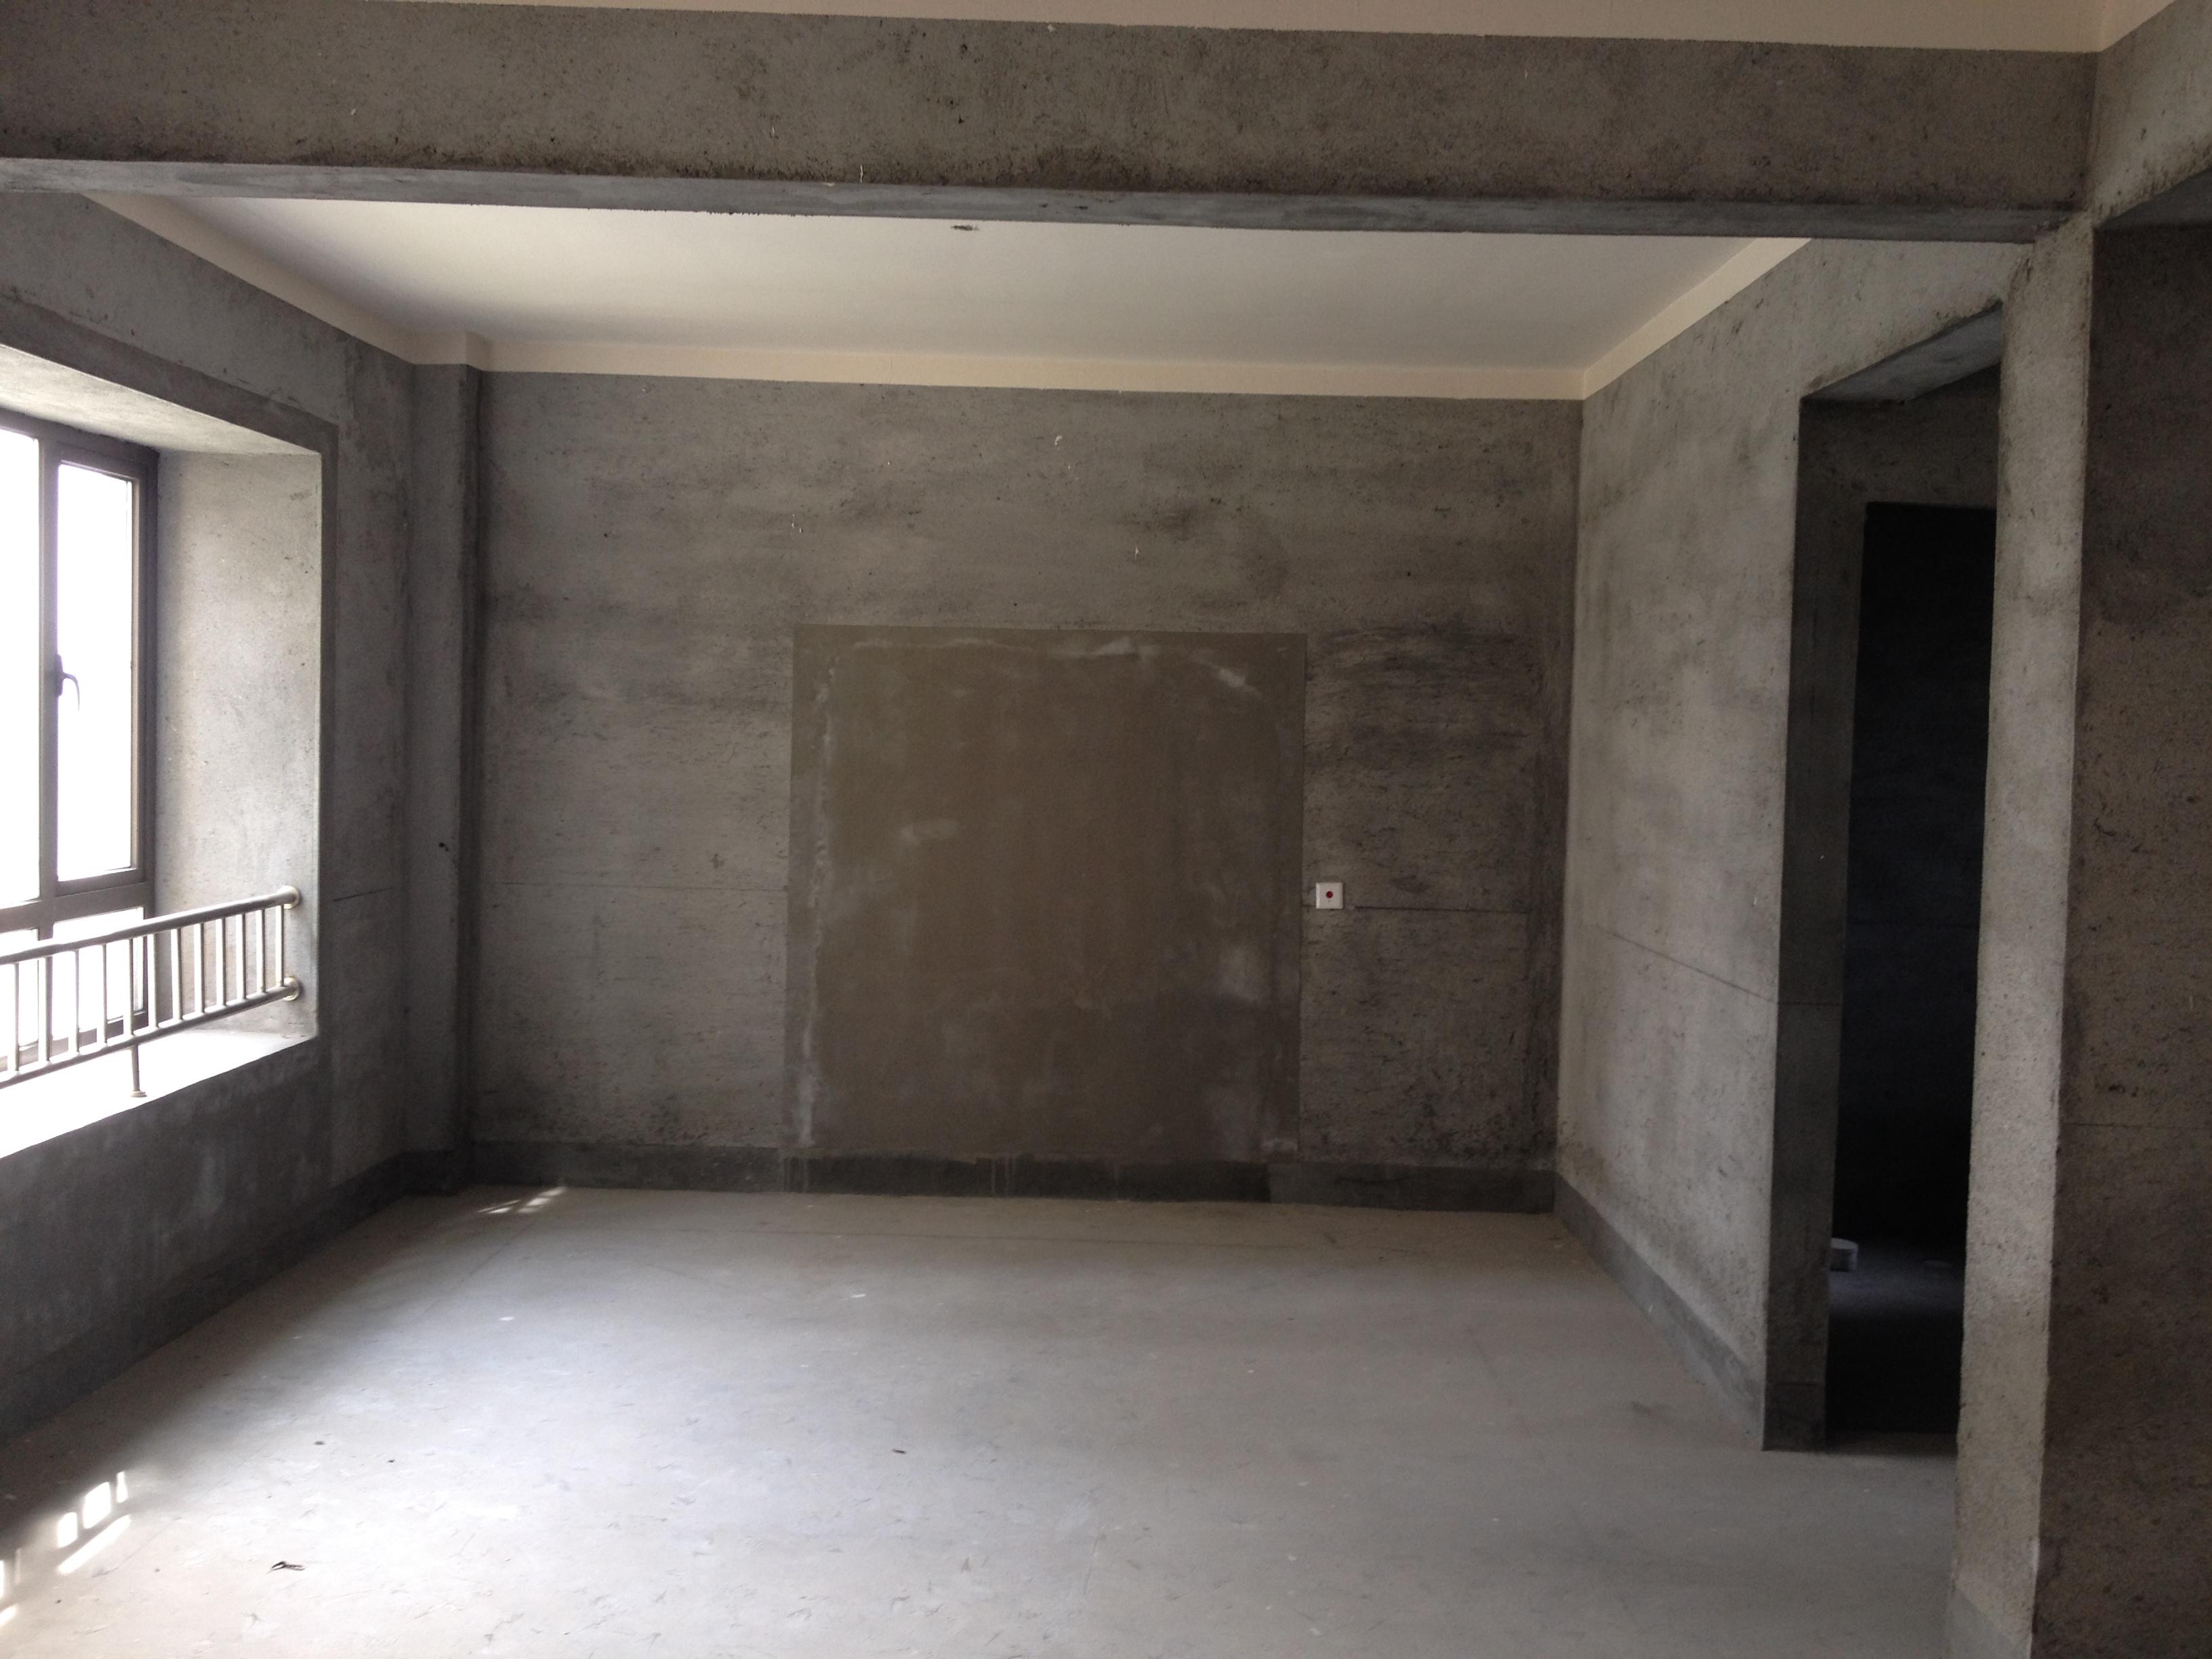 房子交付了!空着浪费想简单的装修一下!